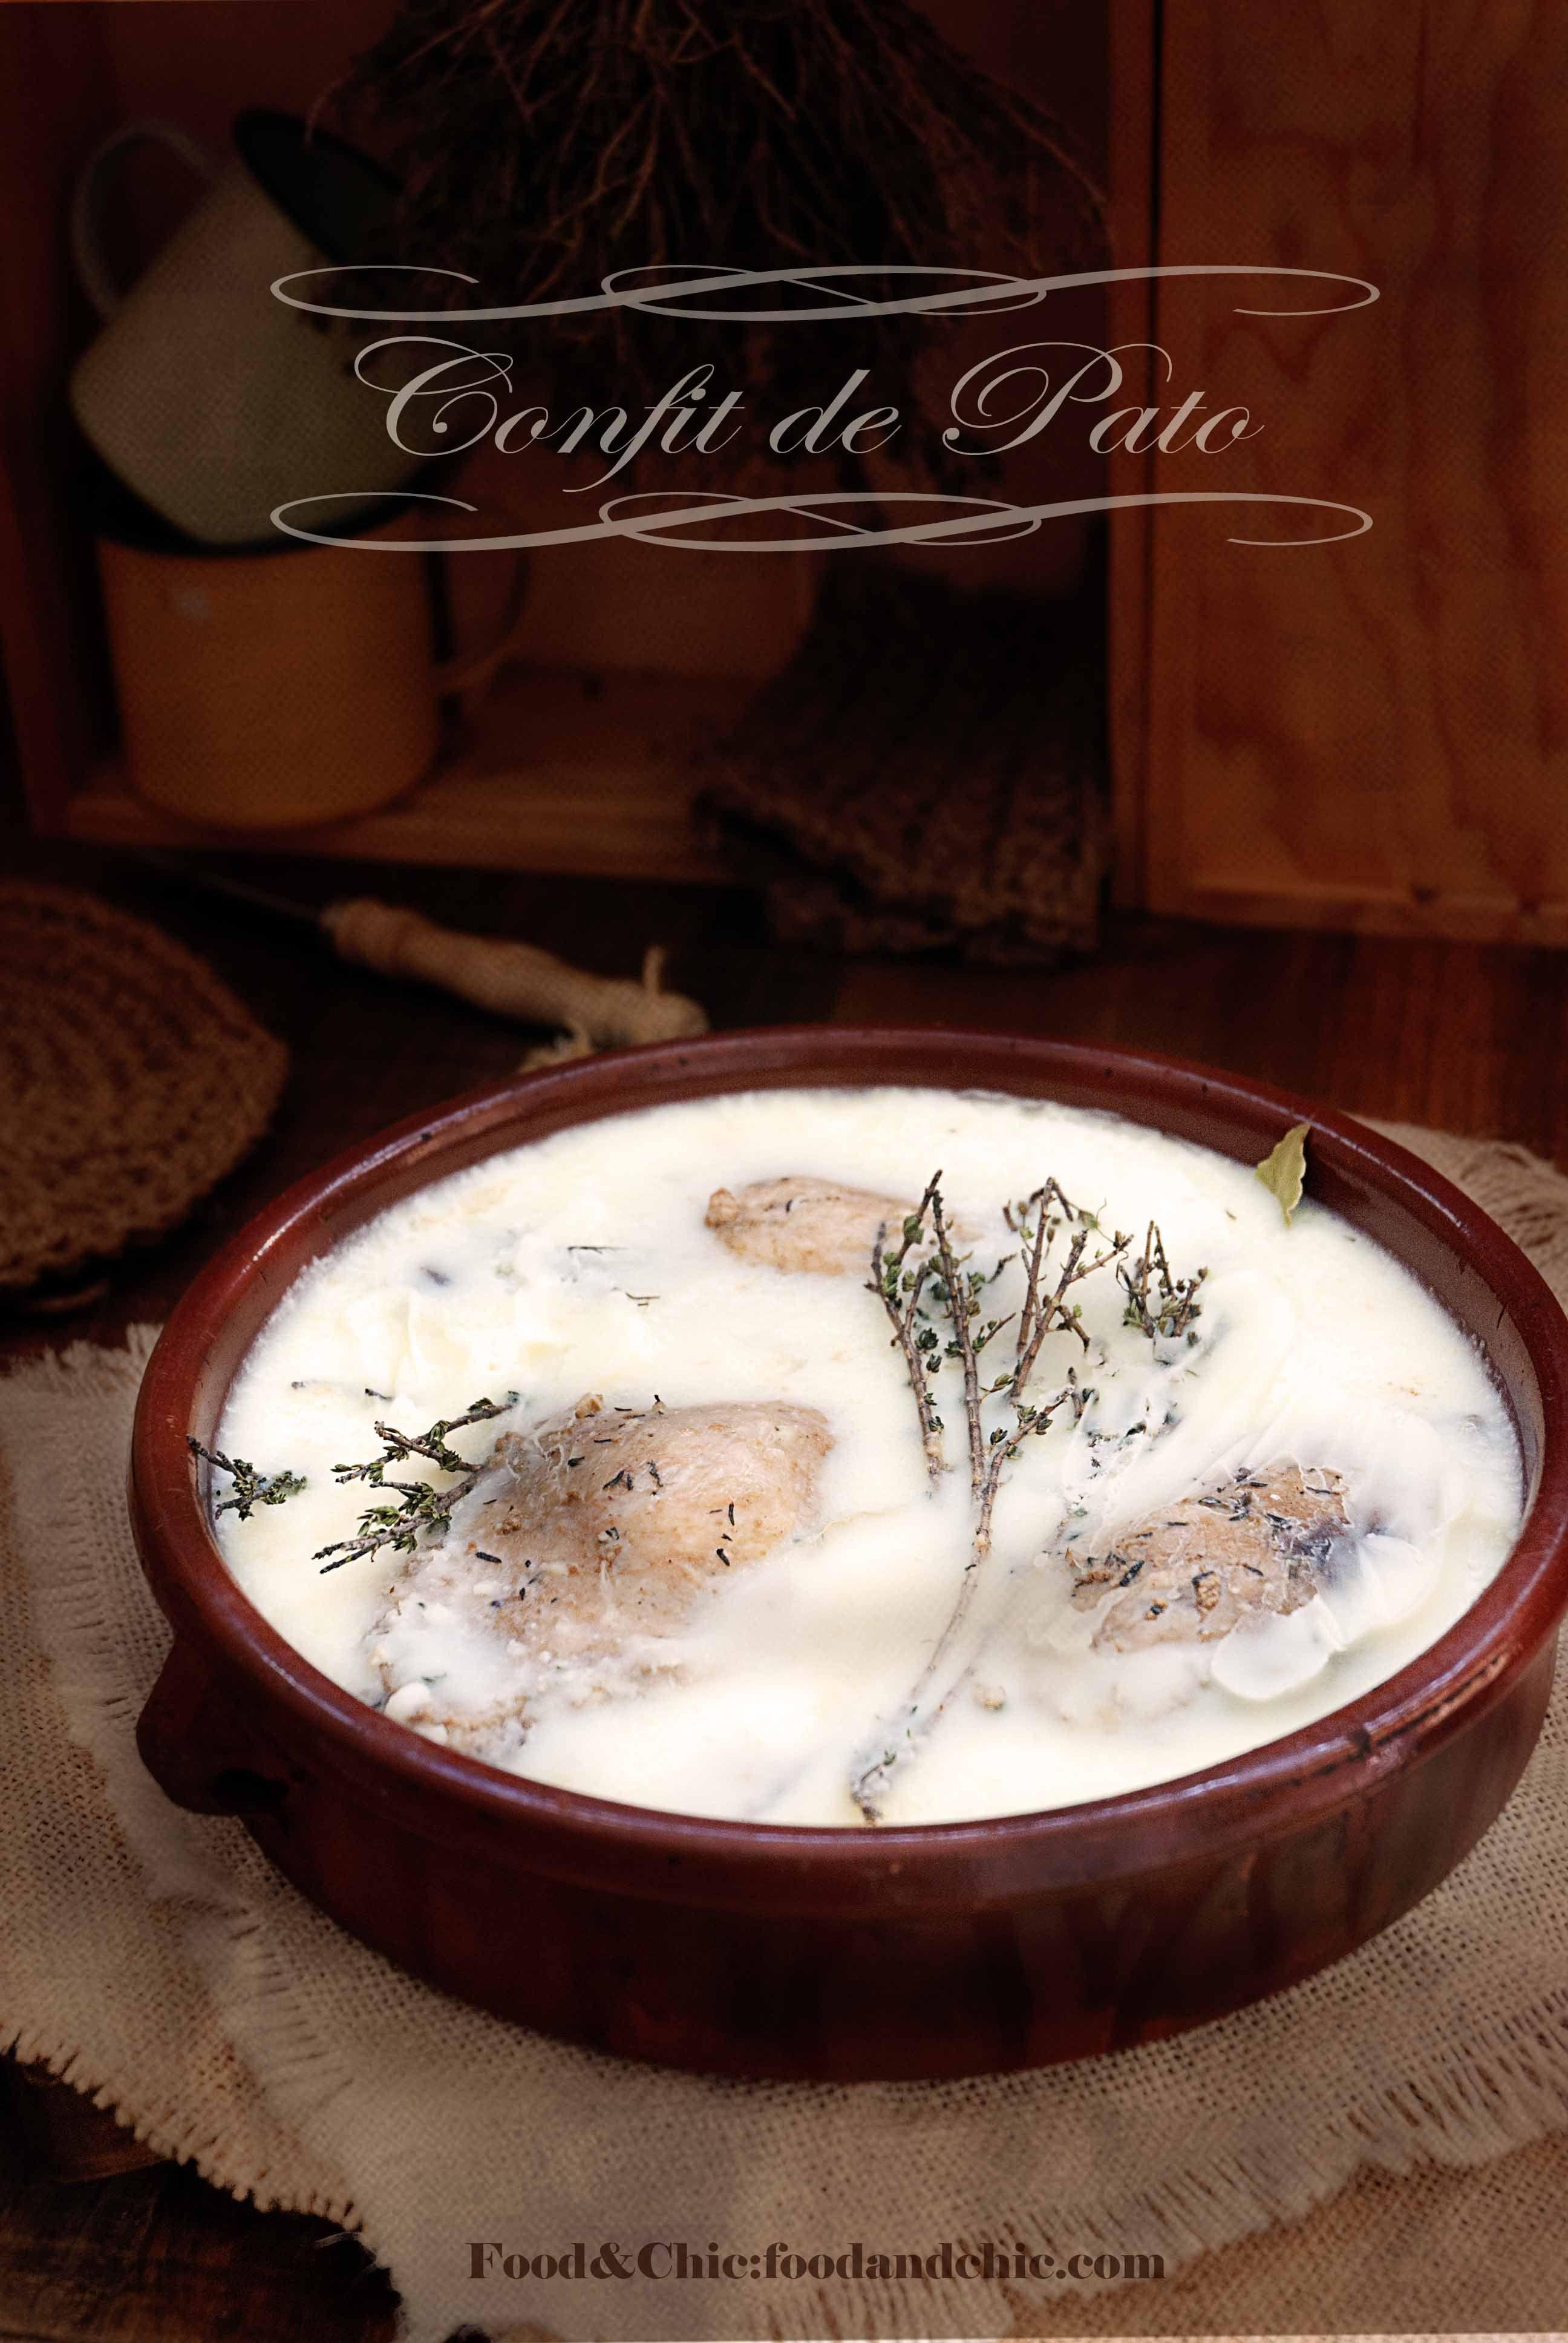 Vuelta al mundo en 80 recetas:17-FRANCIA: Confit de pato con lentejas verdes de Puy